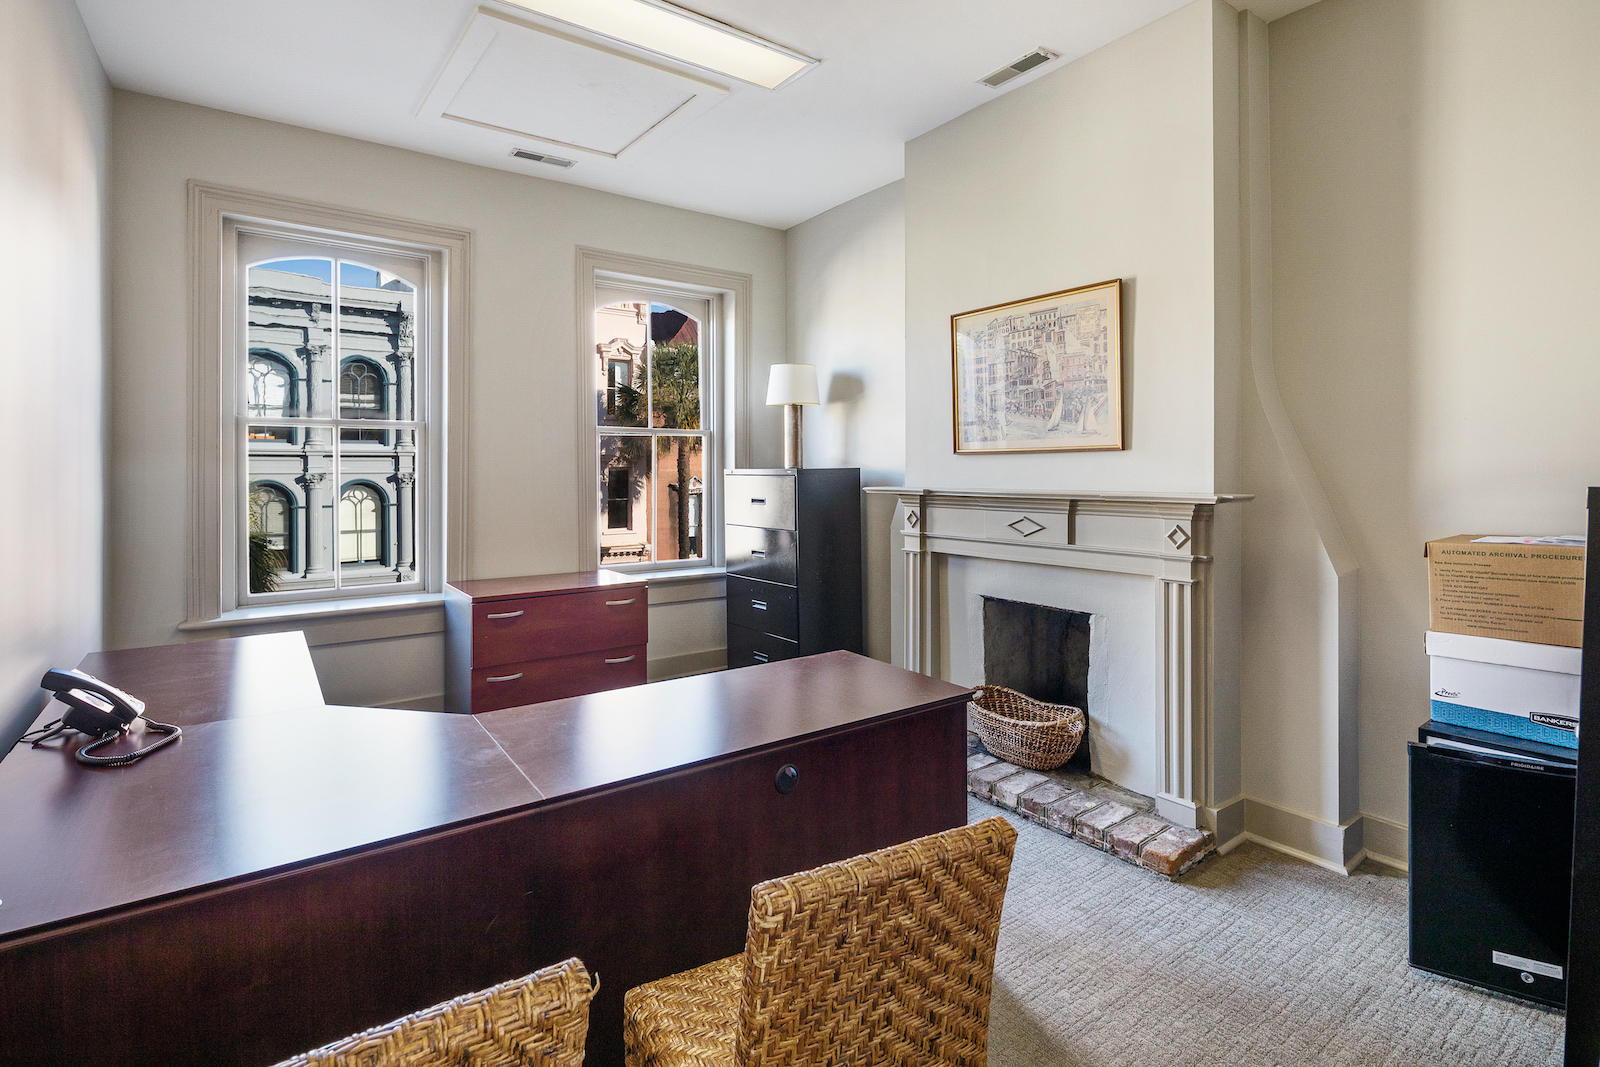 41 Broad Street, Charleston, 29401, 4 Bedrooms Bedrooms, ,3 BathroomsBathrooms,Residential,For Sale,Broad,21004578